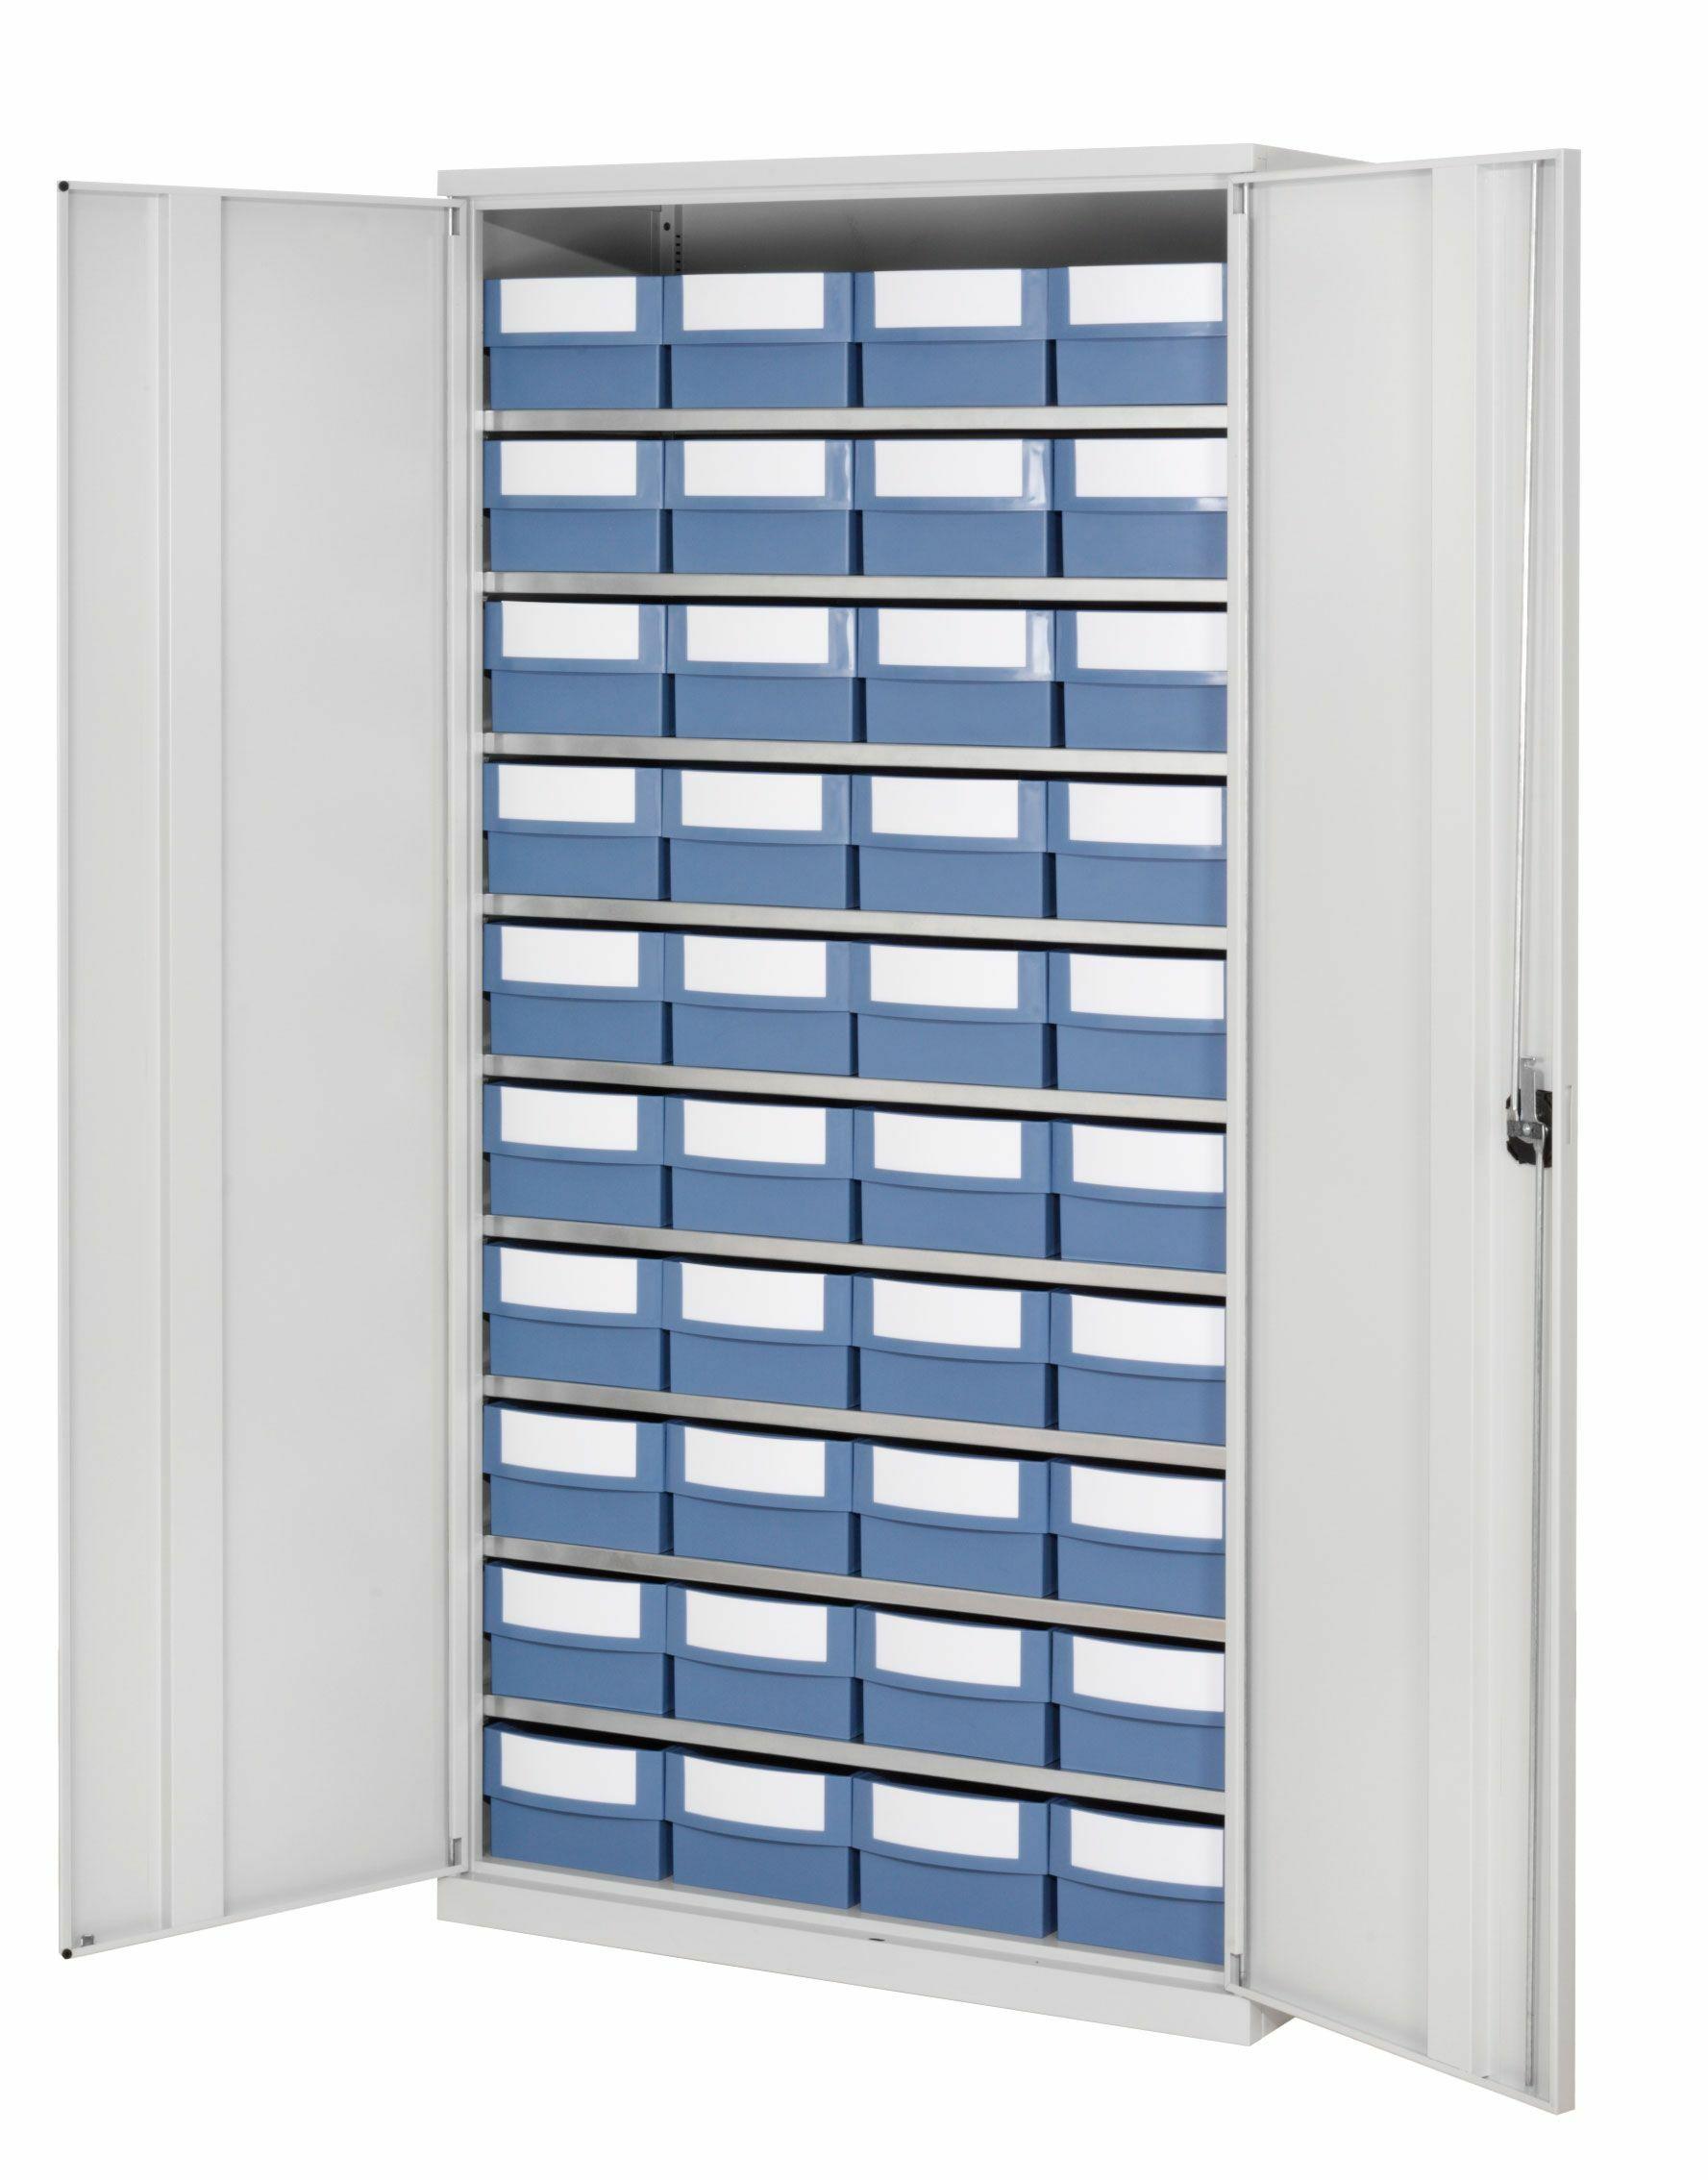 schrank mit volumenregalk sten 9 3 online kaufen padberg palatec shop. Black Bedroom Furniture Sets. Home Design Ideas